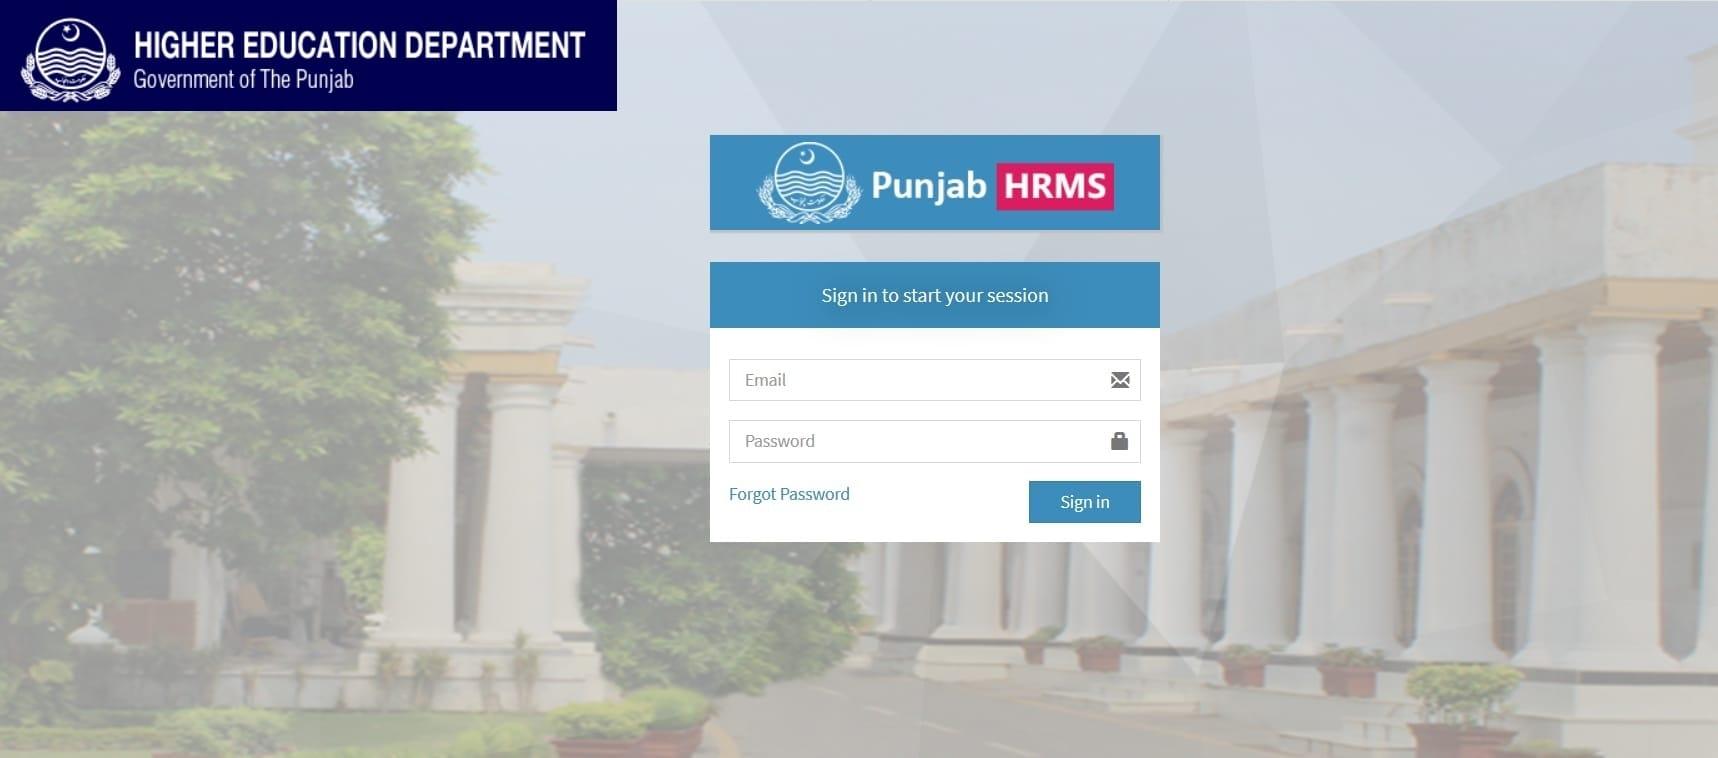 HEHR Punjab HRMS Login